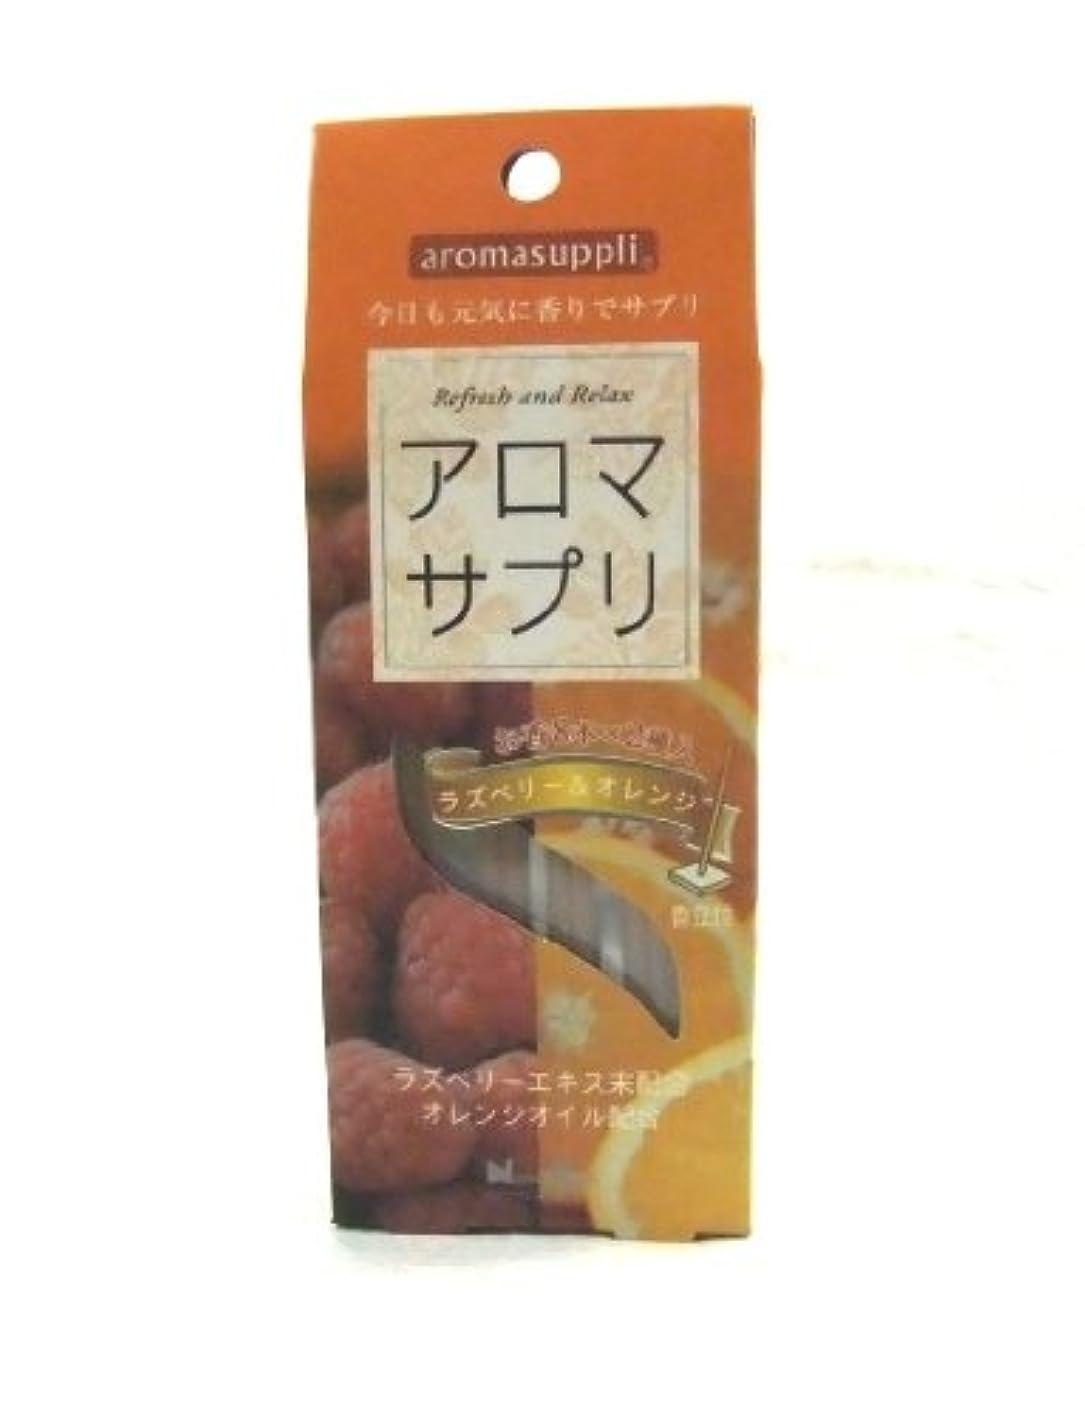 回る加速するたまにお香 アロマサプリ<ラズベリー&オレンジ> 2種類の香り× 各8本入 香立付